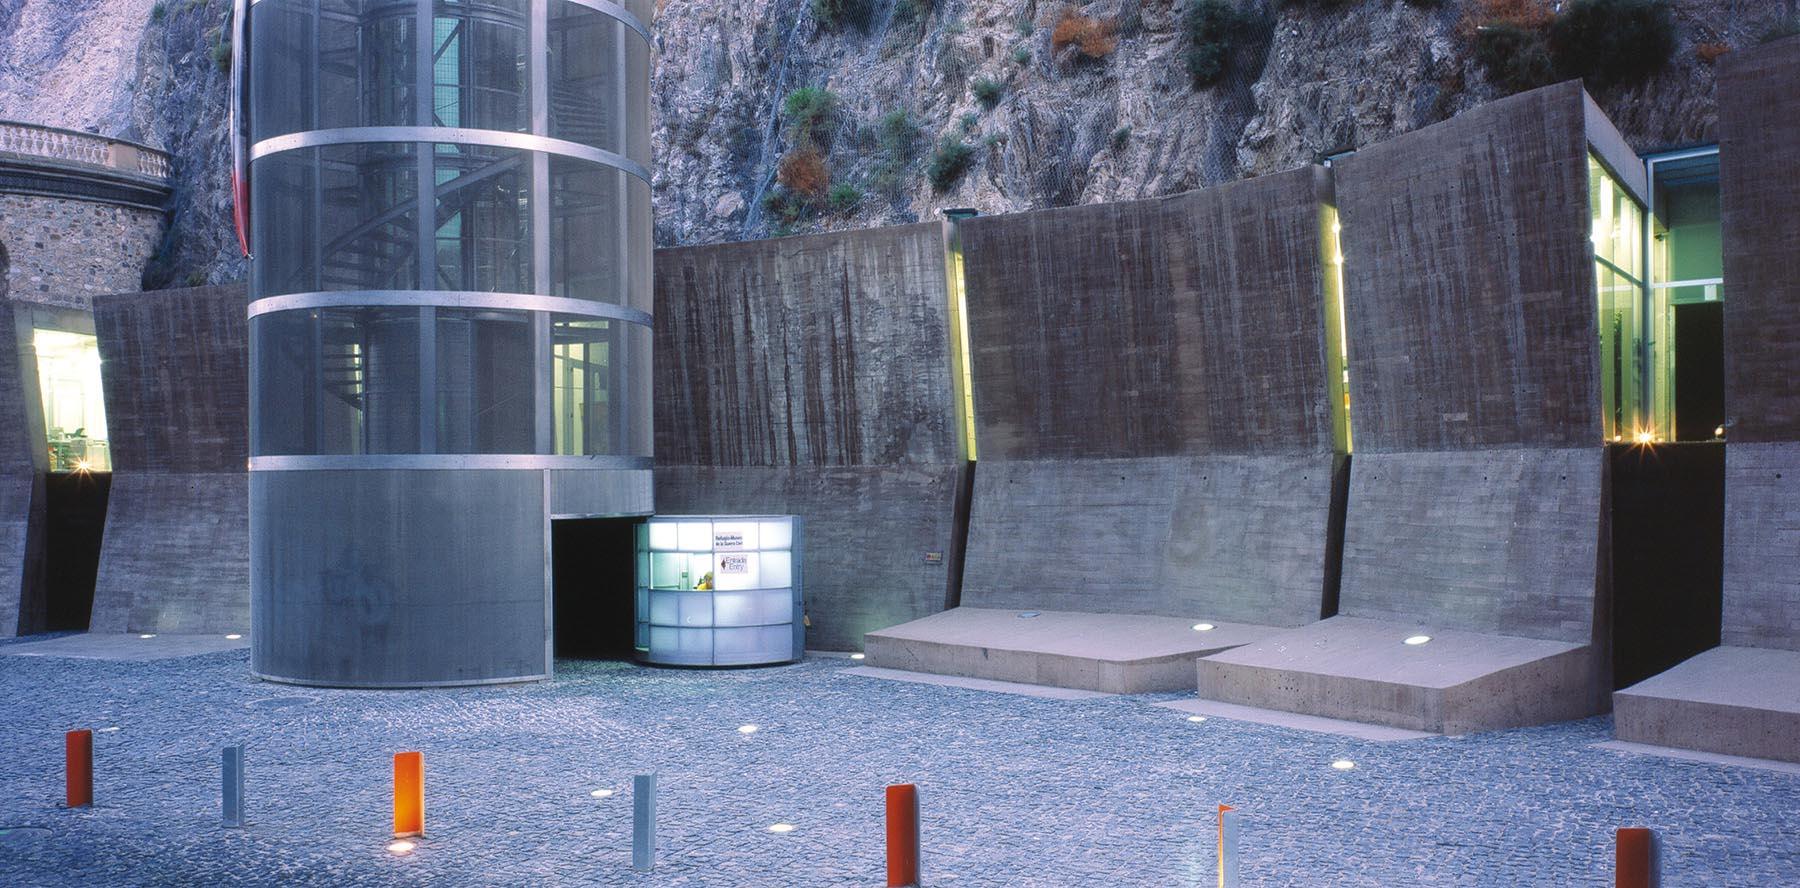 Arquitecto en murcia casa mirador with arquitecto en - Arquitectos en murcia ...